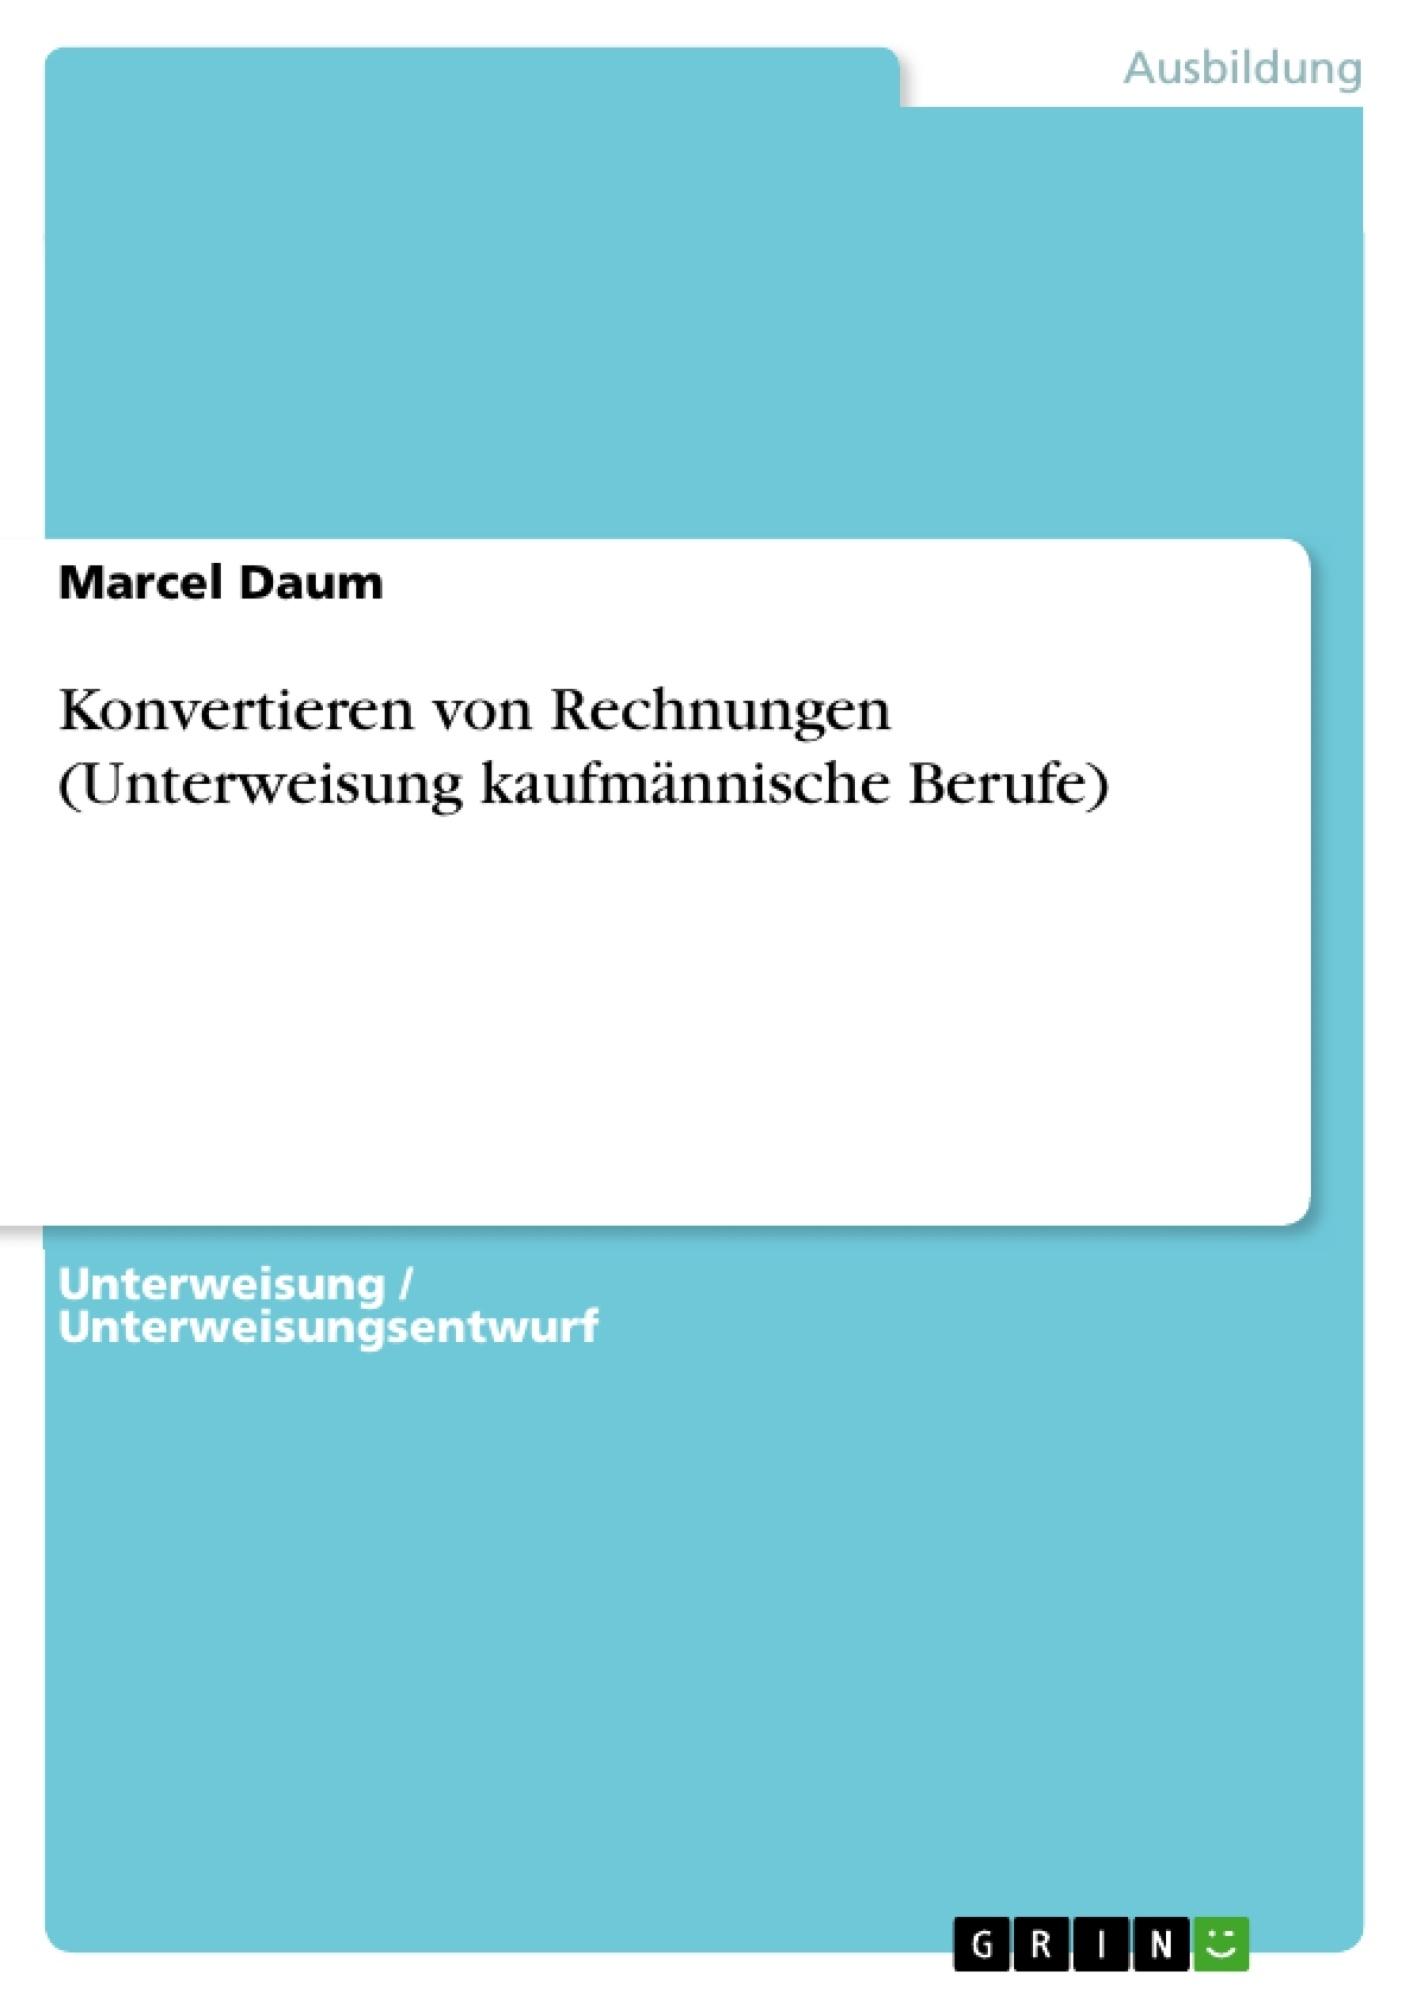 Titel: Konvertieren von Rechnungen (Unterweisung kaufmännische Berufe)